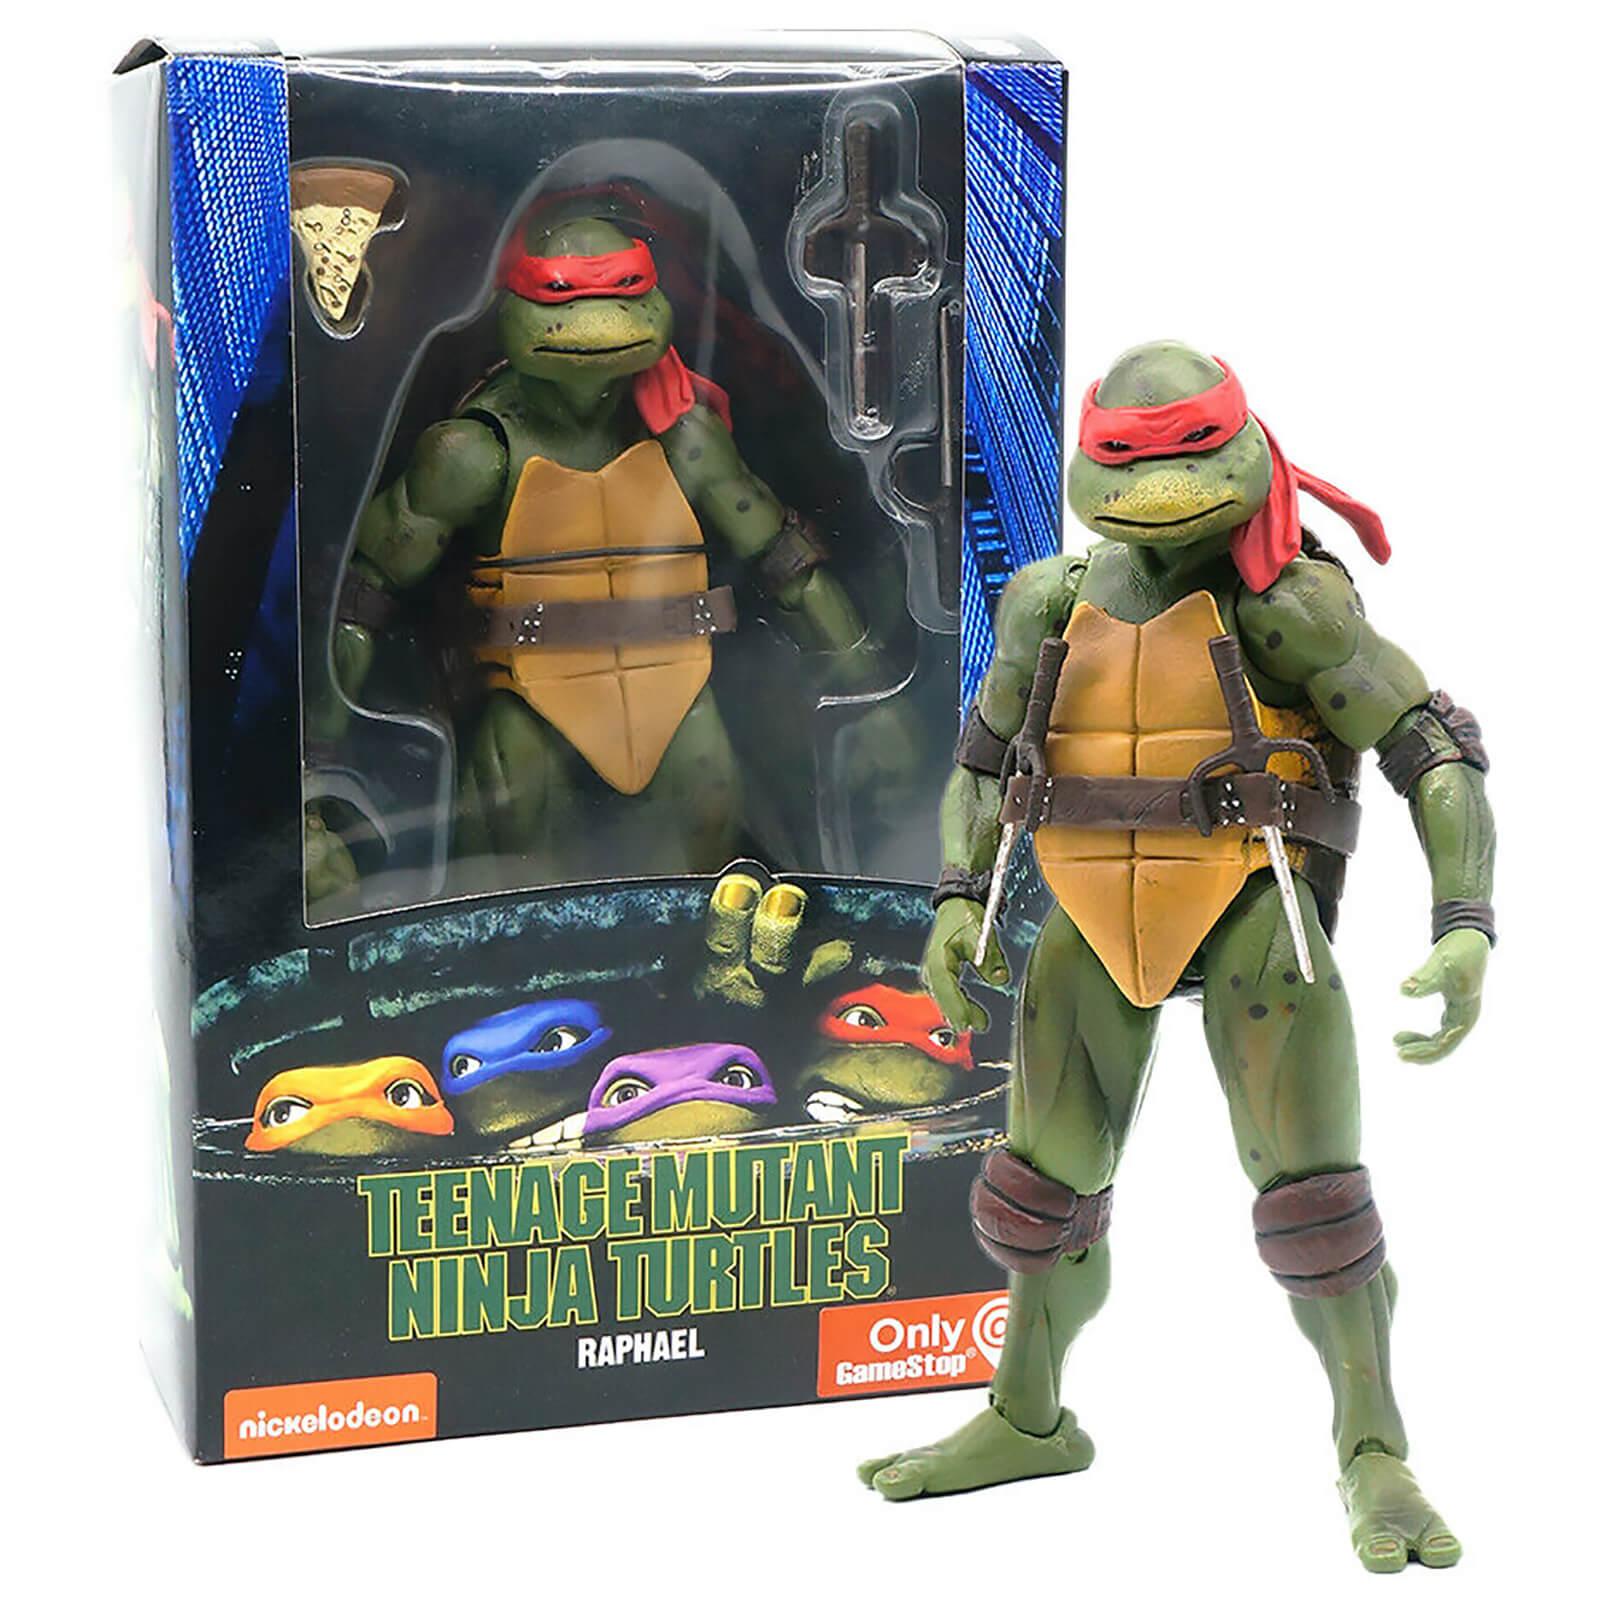 Neca Teenage Mutant Ninja Turtles 7 Figure 1990 Movie Raphael